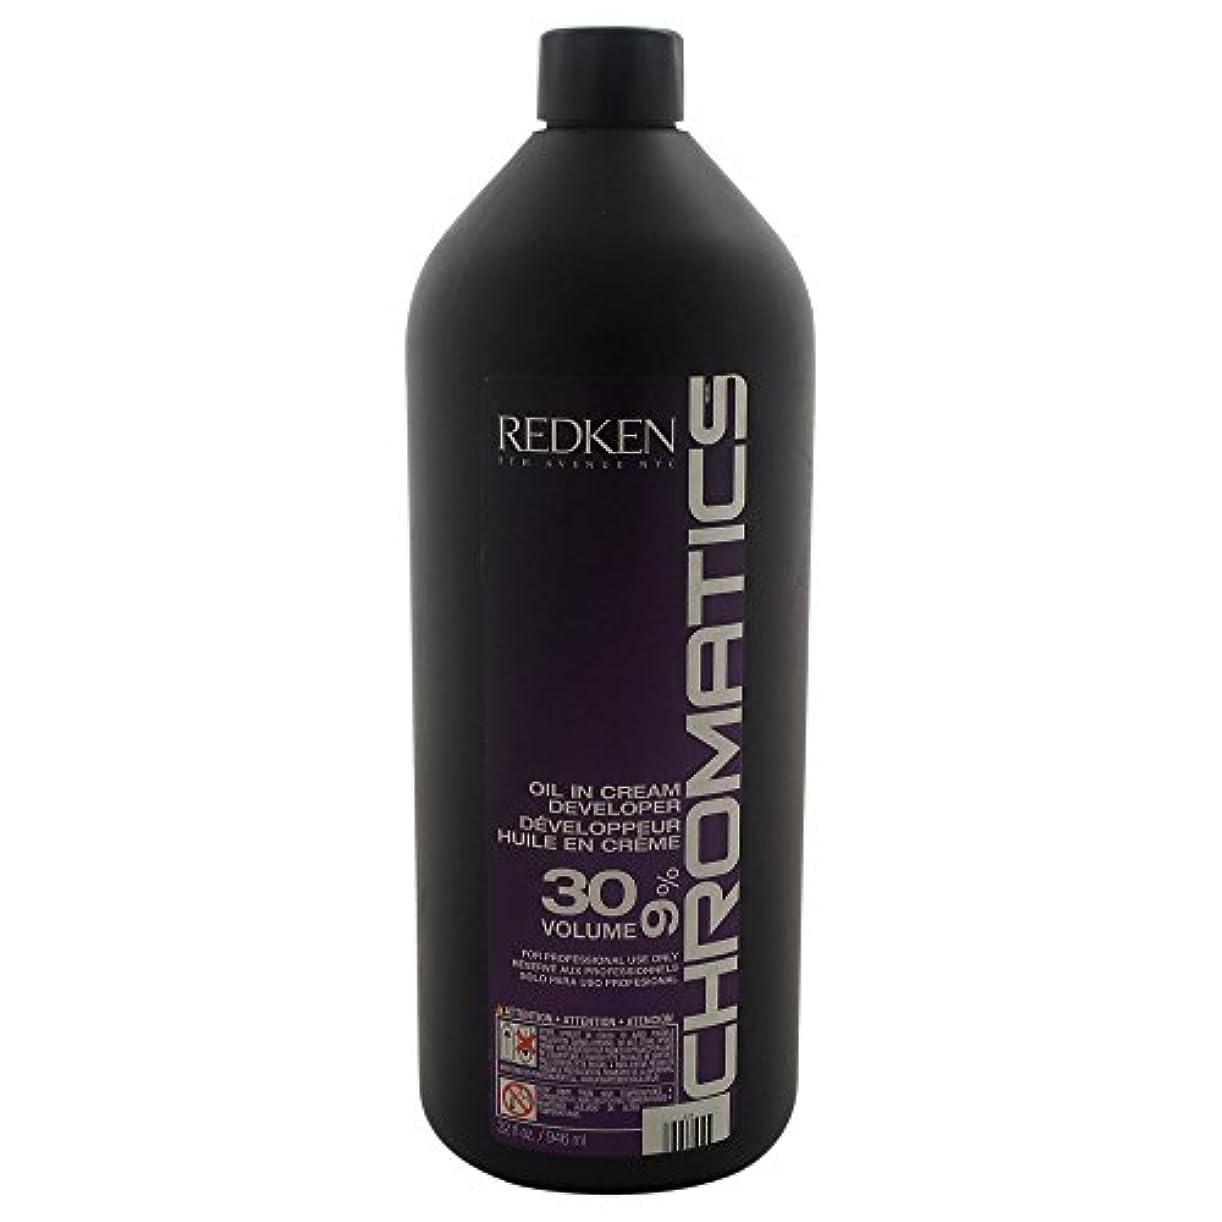 バーゲンチャーム脱臼するRedken Chromatics Oil In Cream Developer 30 Volume 9 Percent Cream, 32 Ounce by Redken